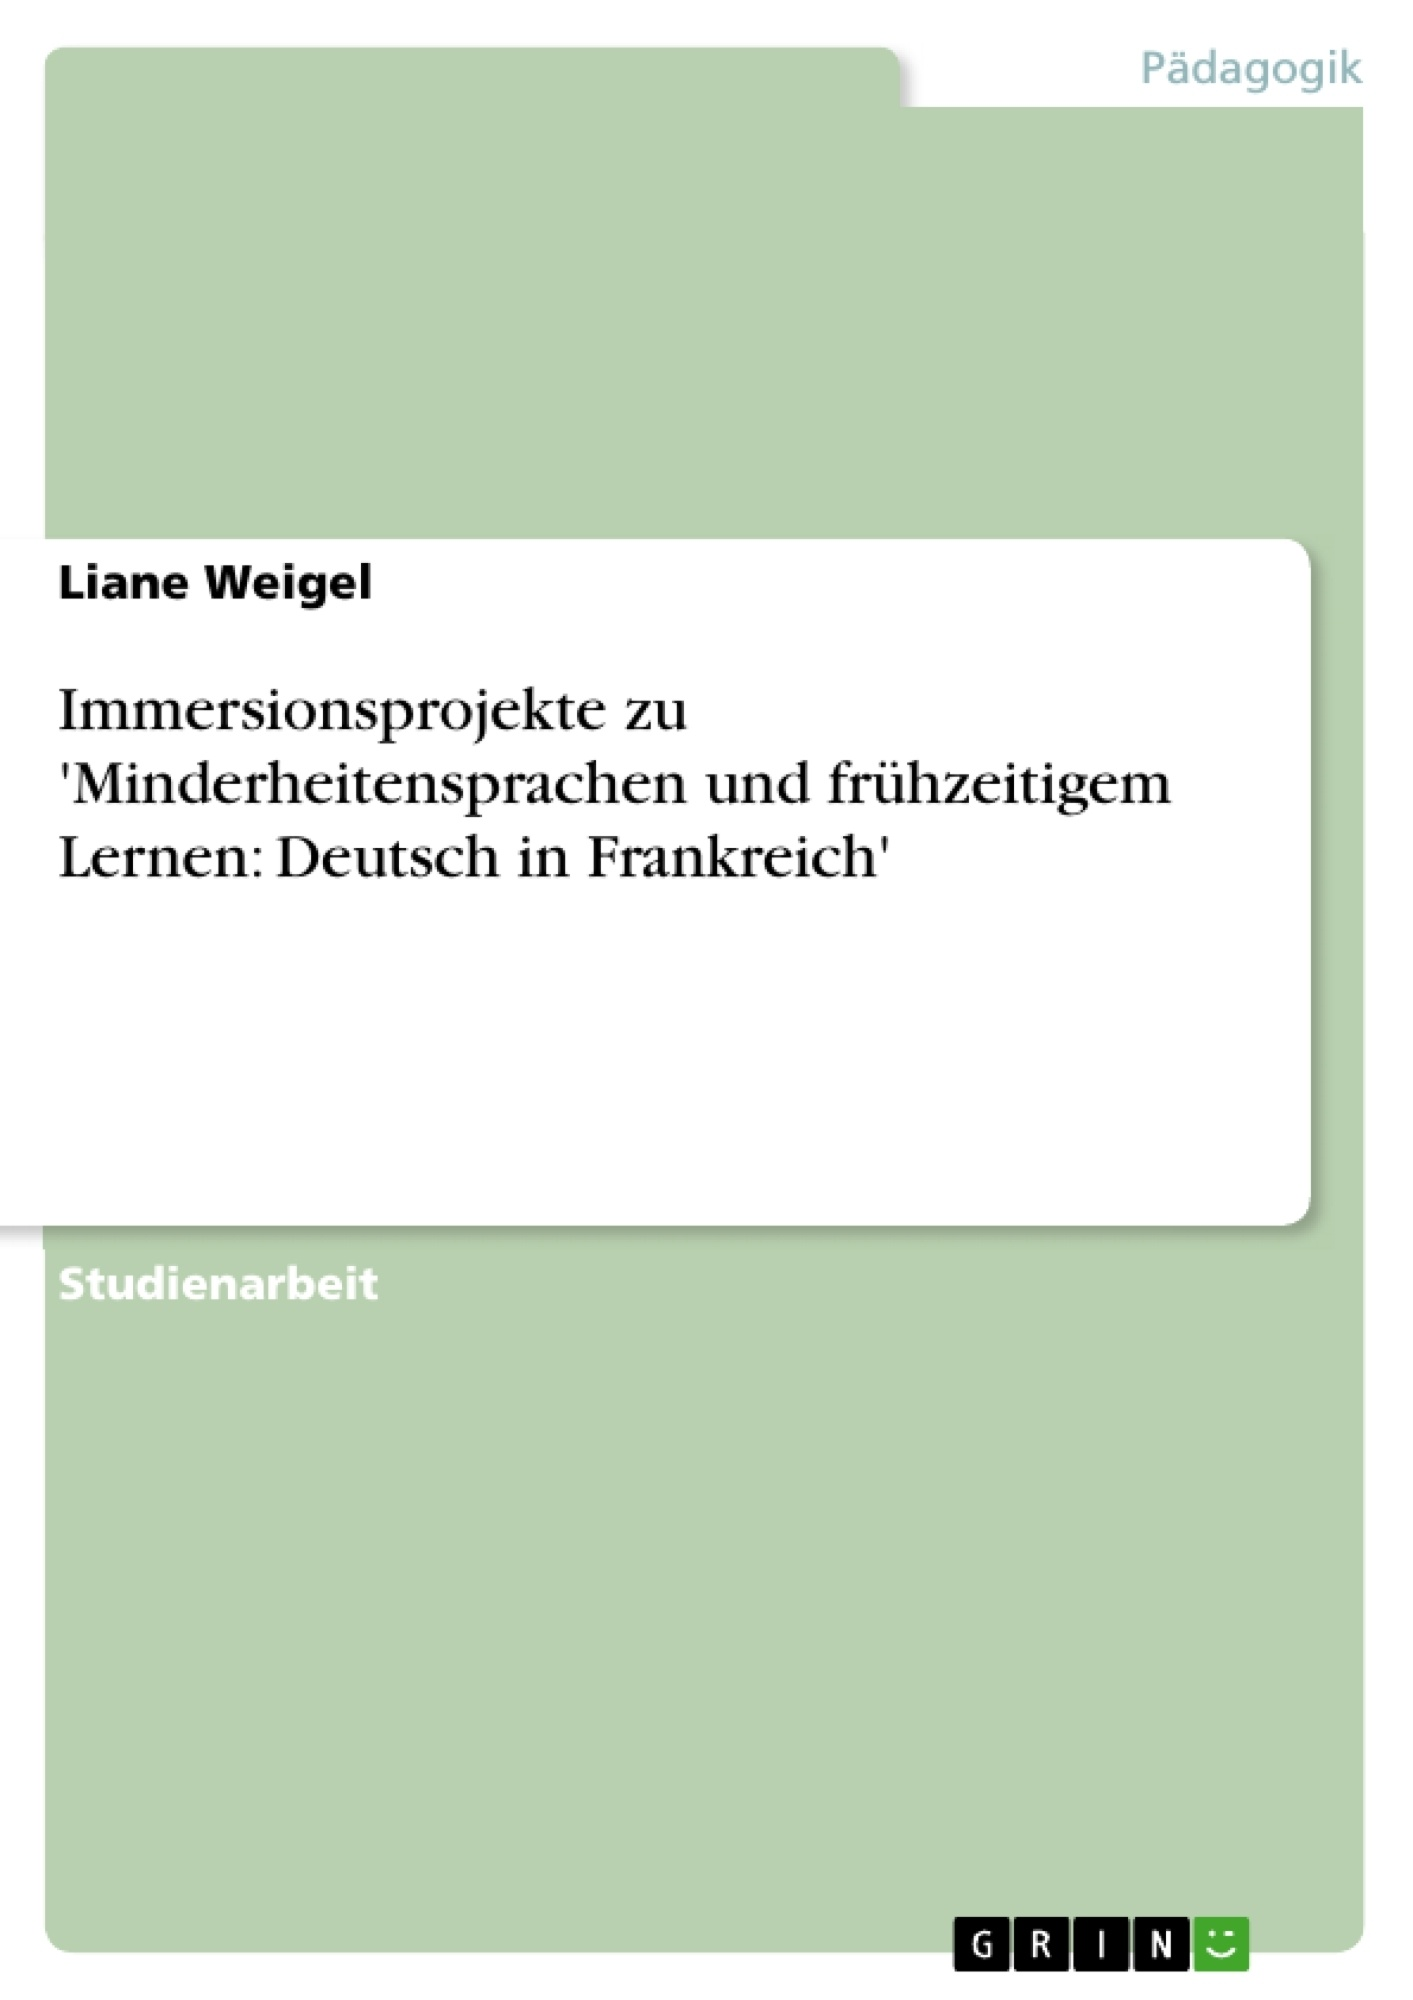 Titel: Immersionsprojekte zu 'Minderheitensprachen und frühzeitigem Lernen: Deutsch in Frankreich'